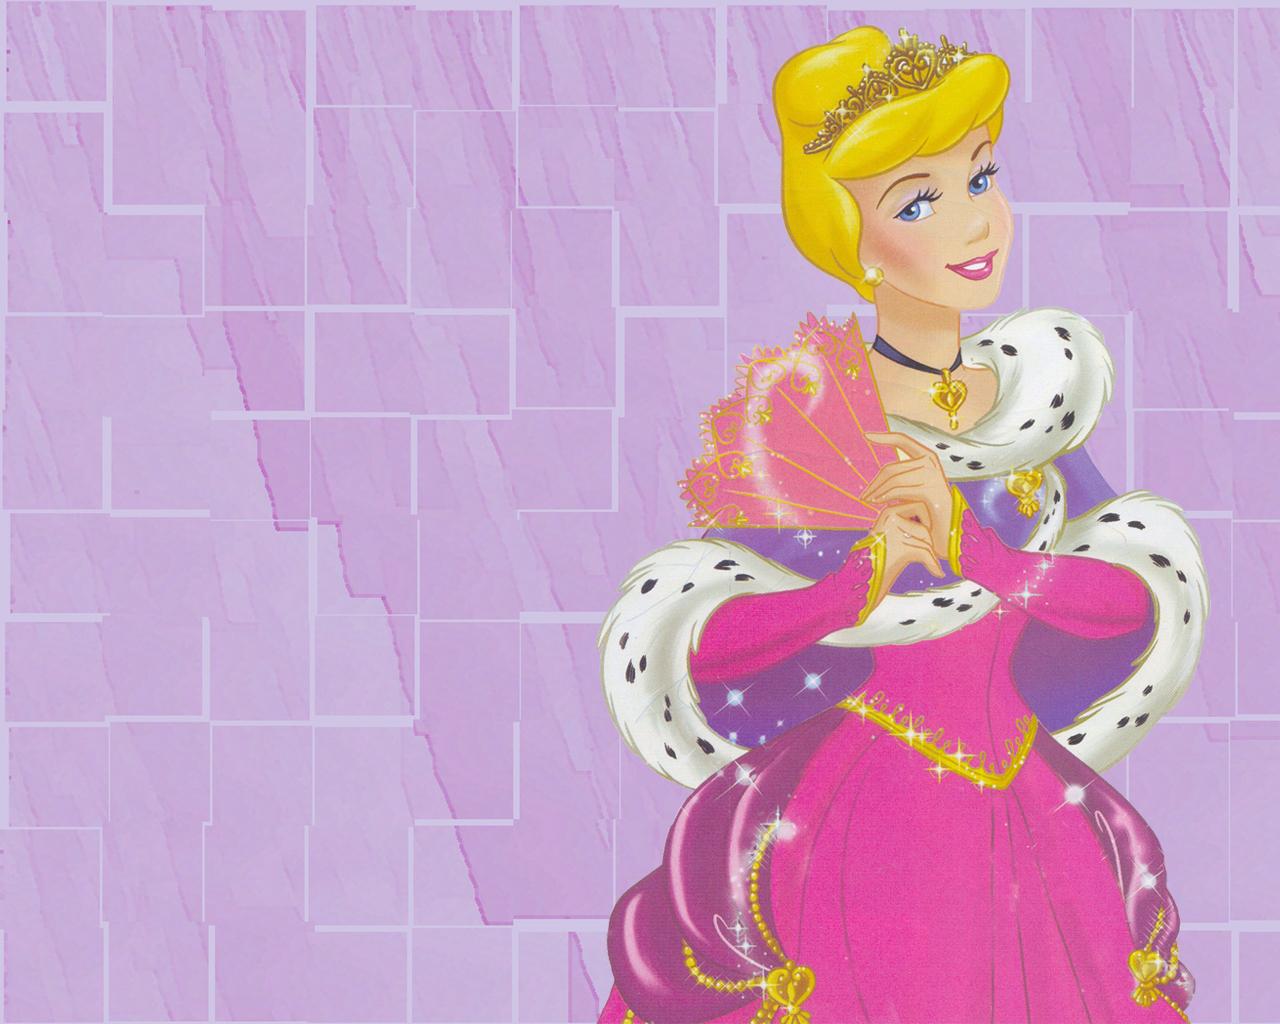 مكتبة ضخمة من صور ورمزيات اميرات ديزني Princess-Cinderella-disney-princess-6168439-1280-1024